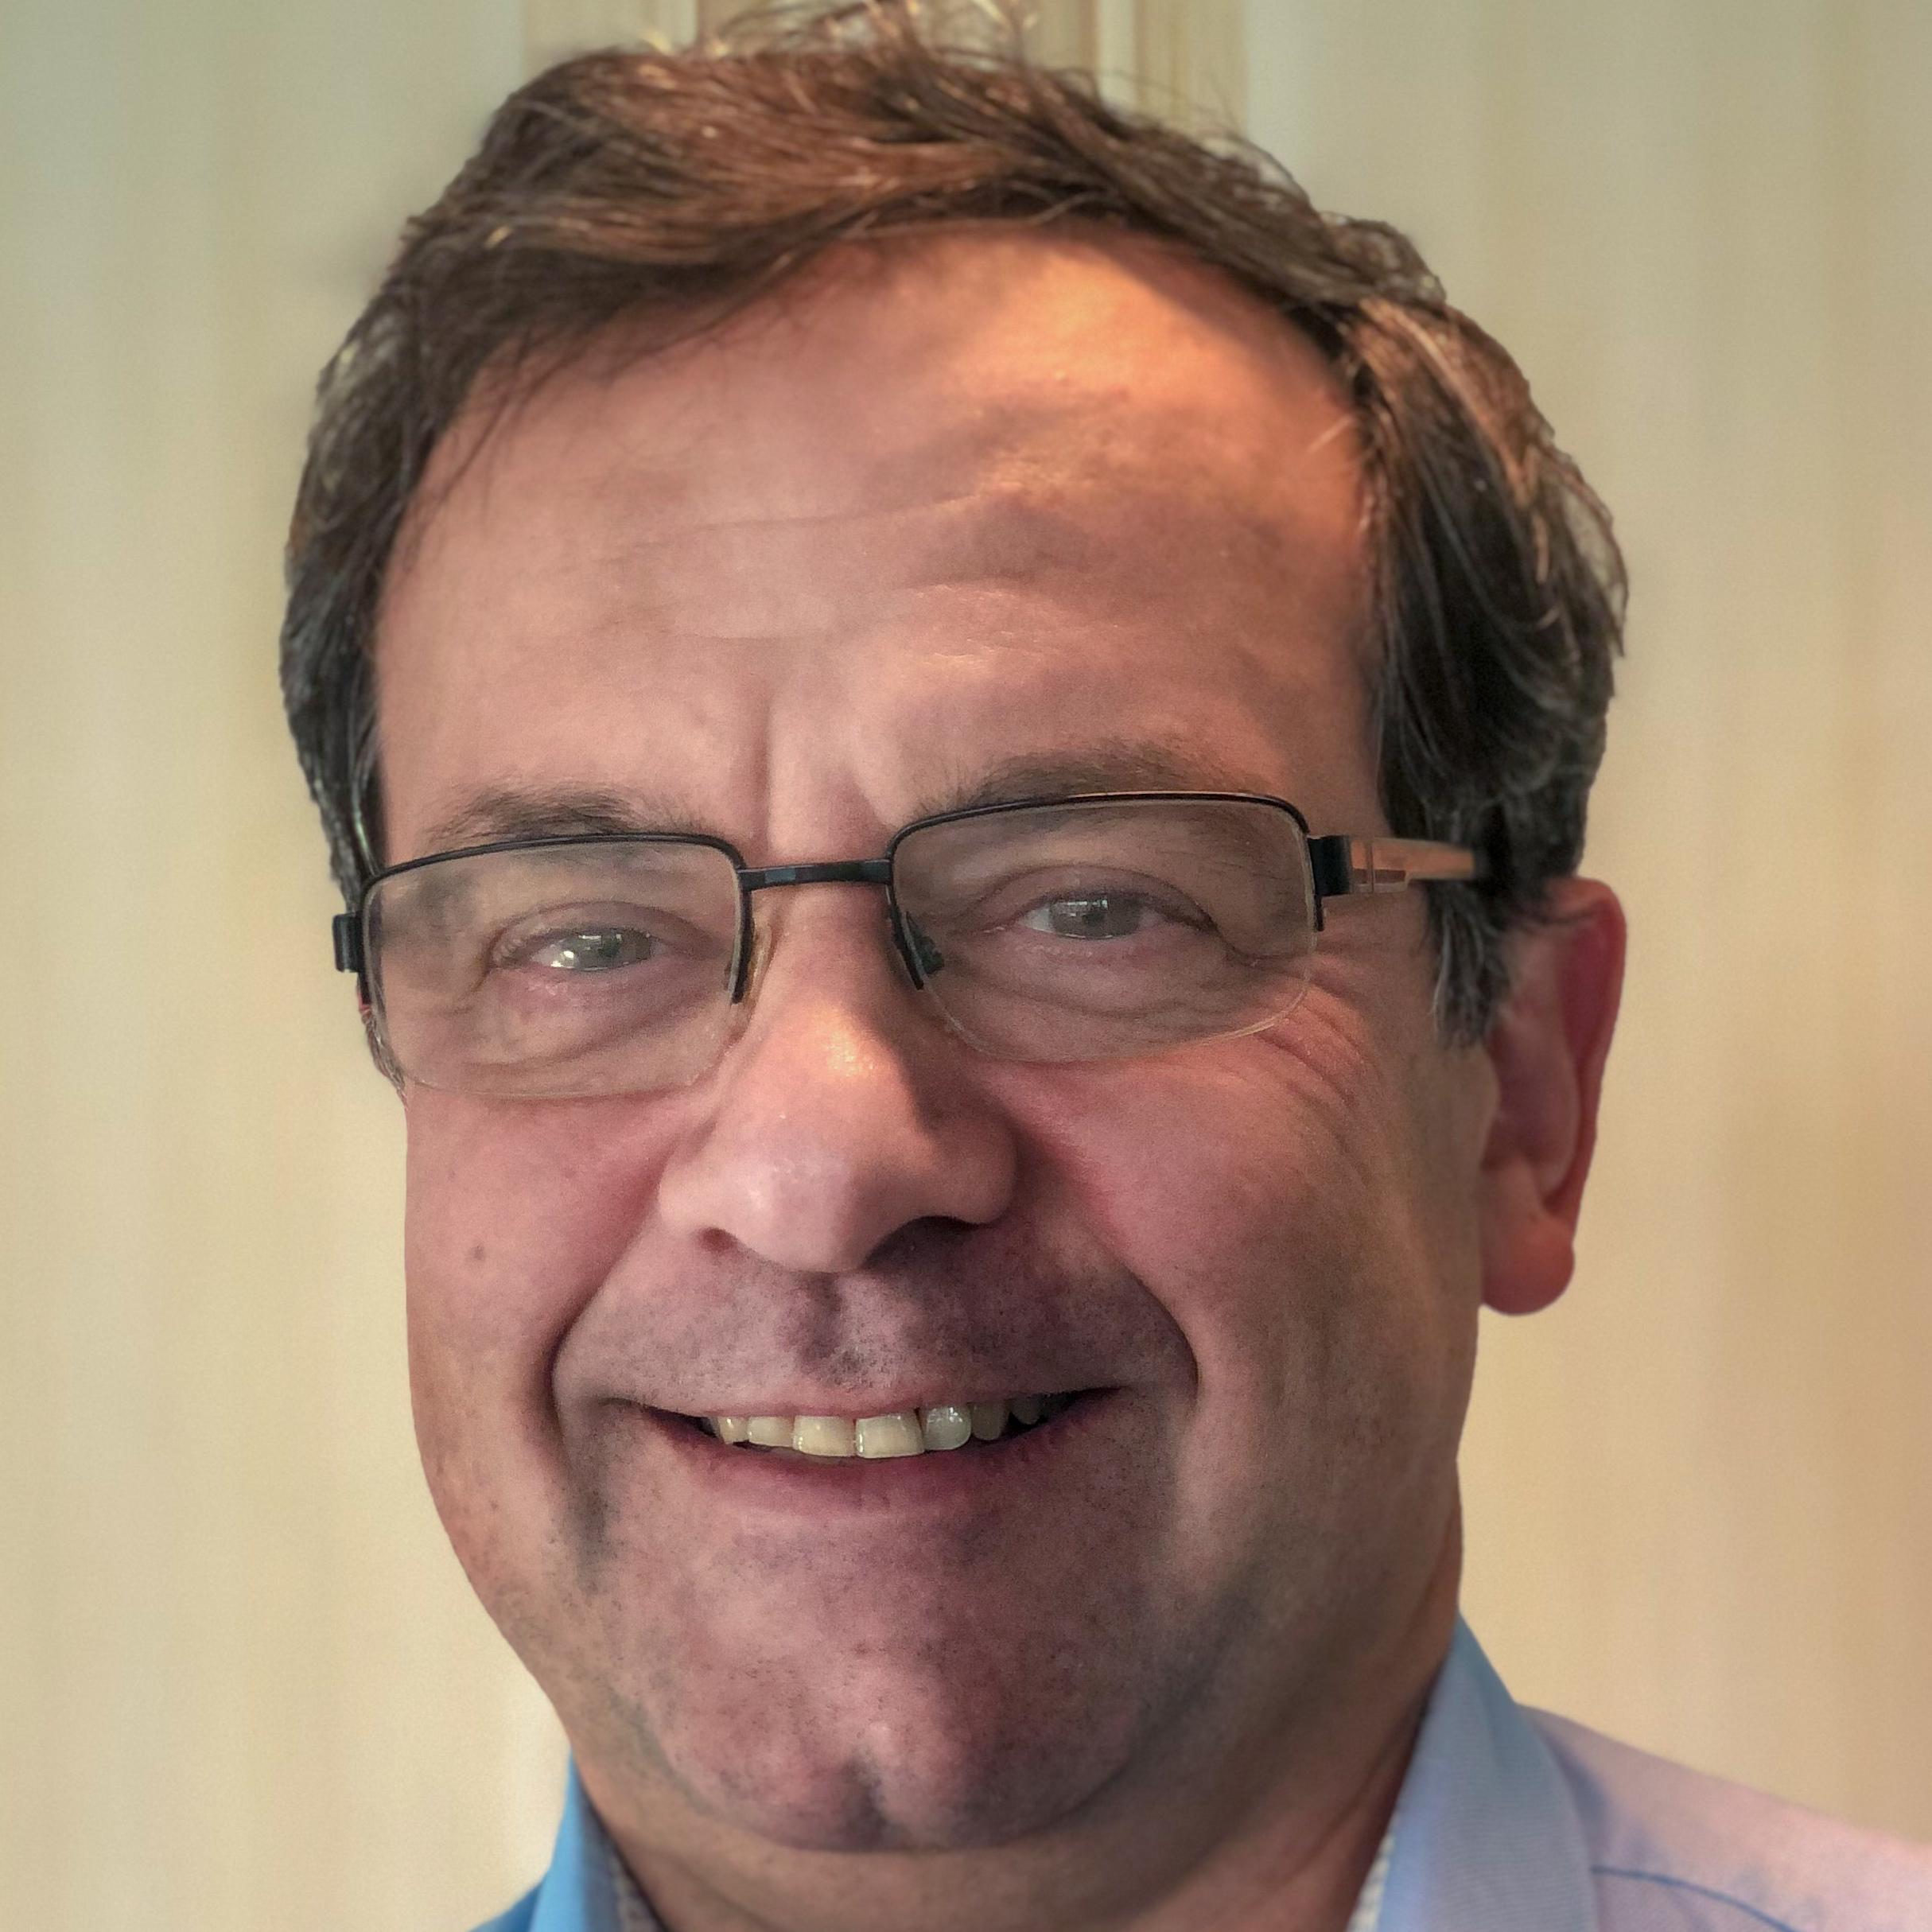 CORNU Philippe